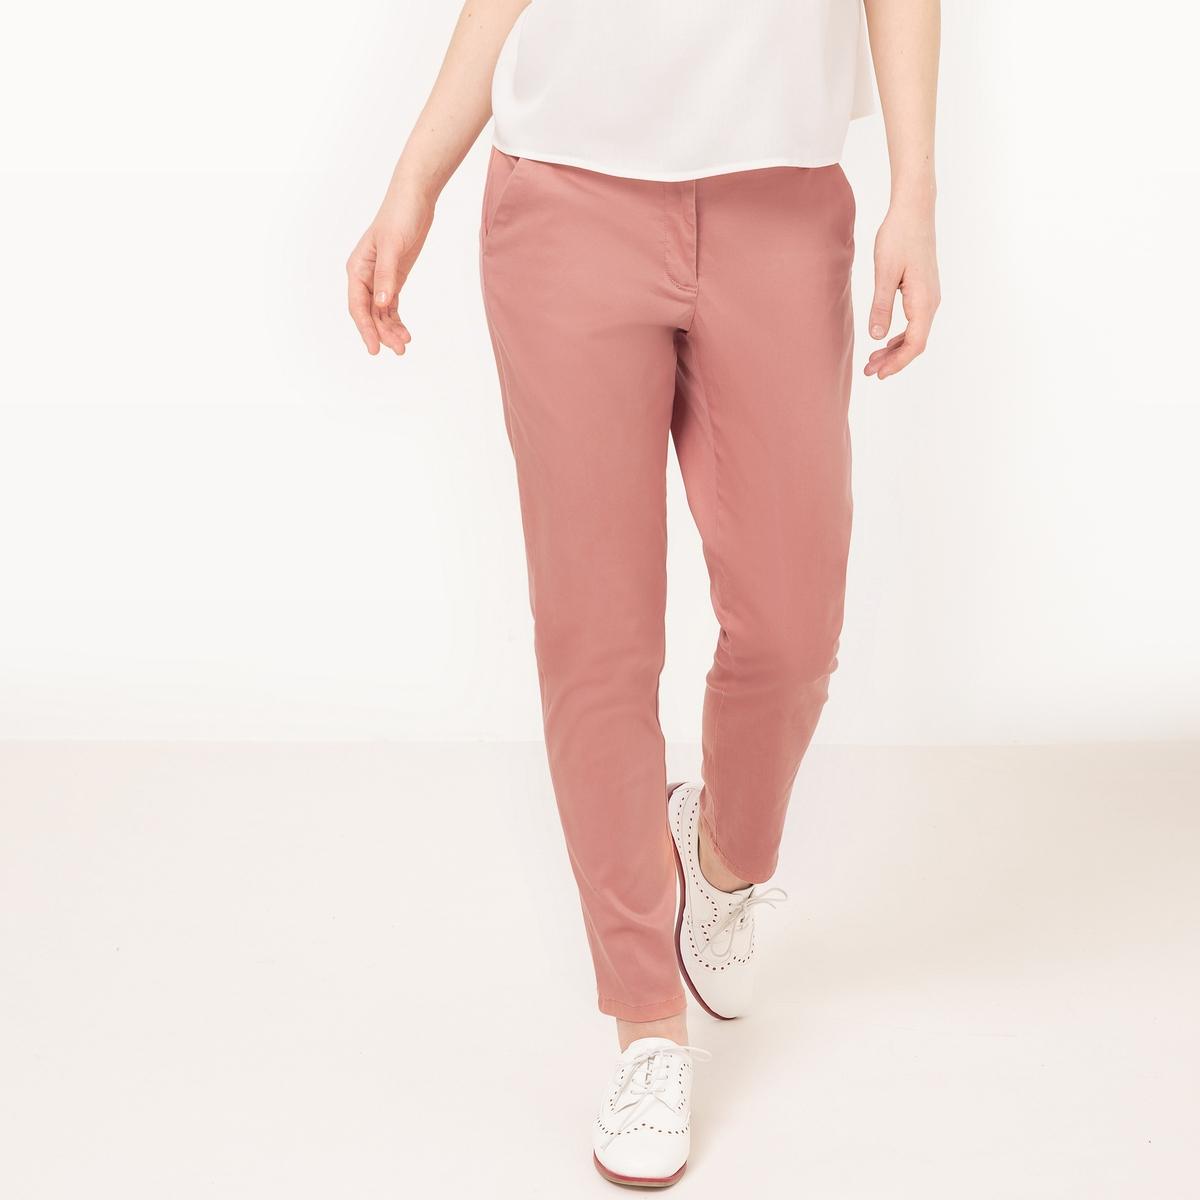 Брюки-чиноМатериал : 40% хлопка, 2% эластана, 58% лиоцелла Рисунок : однотонная модель  Высота пояса : стандартная Покрой брюк : прямой покрой<br><br>Цвет: розовый